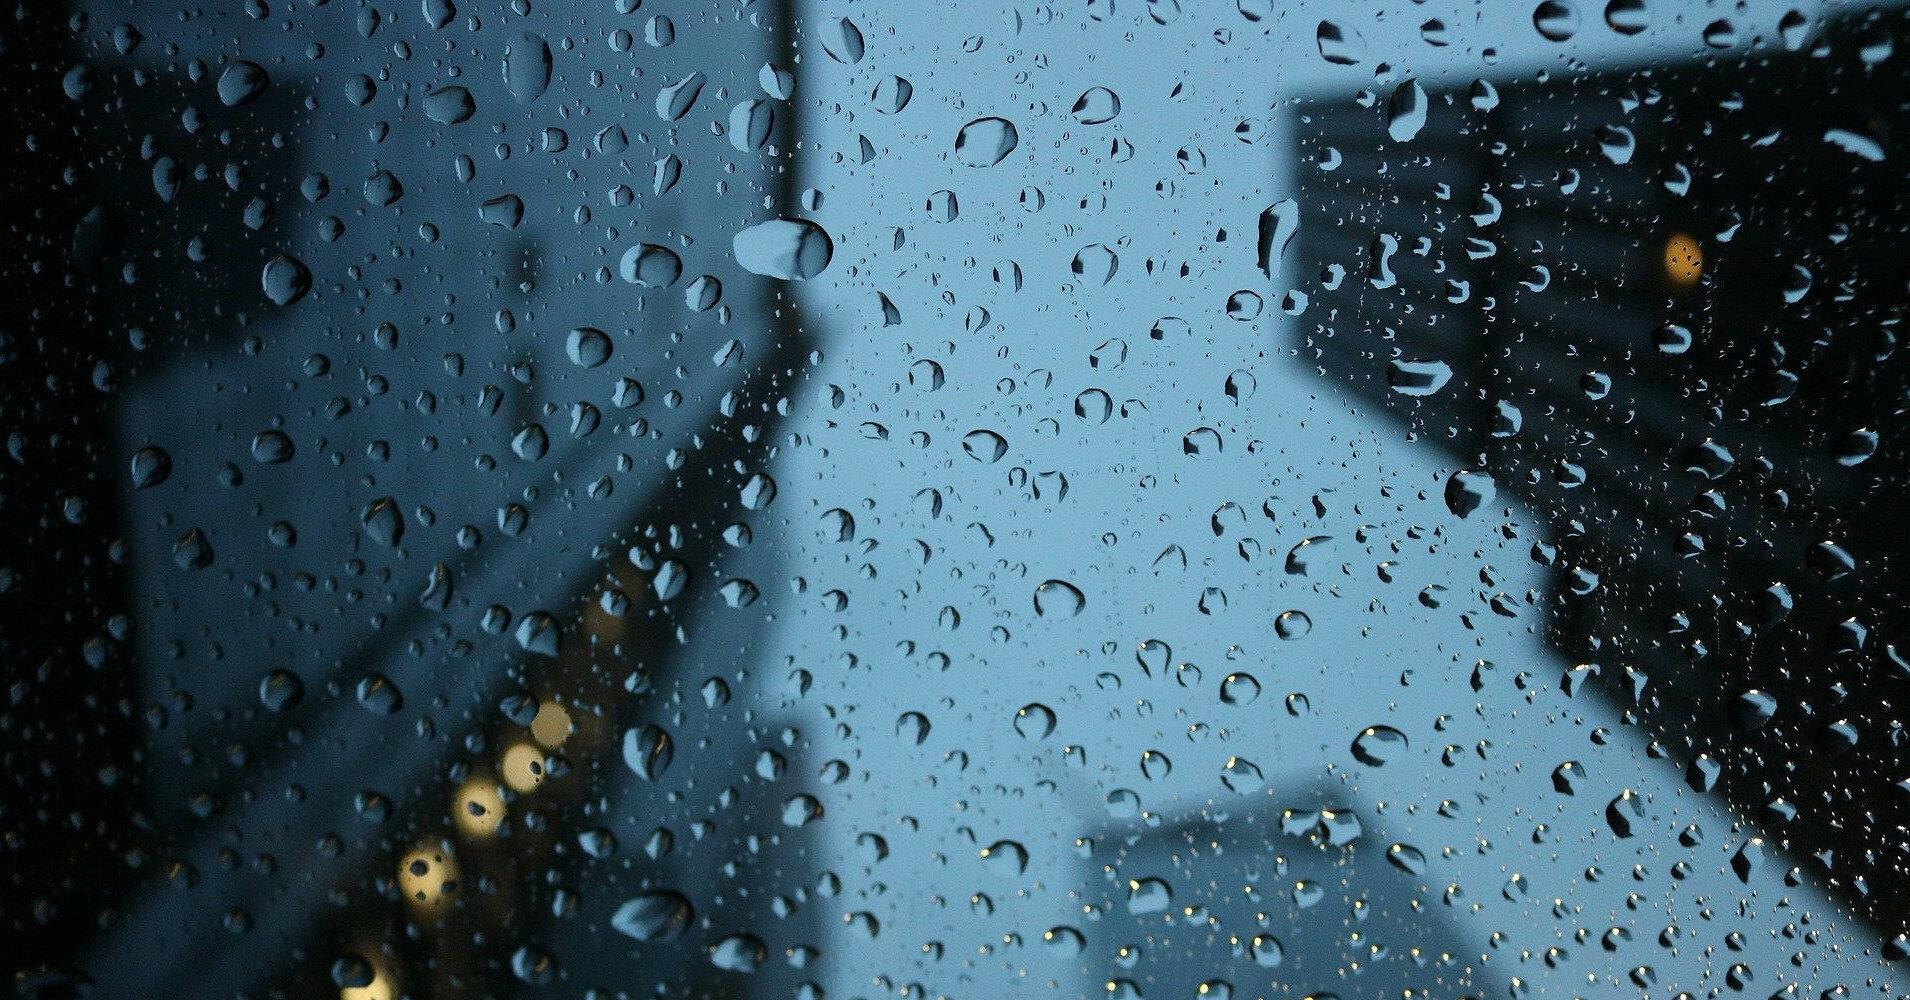 Ливни пока останутся: прогноз погоды на среду